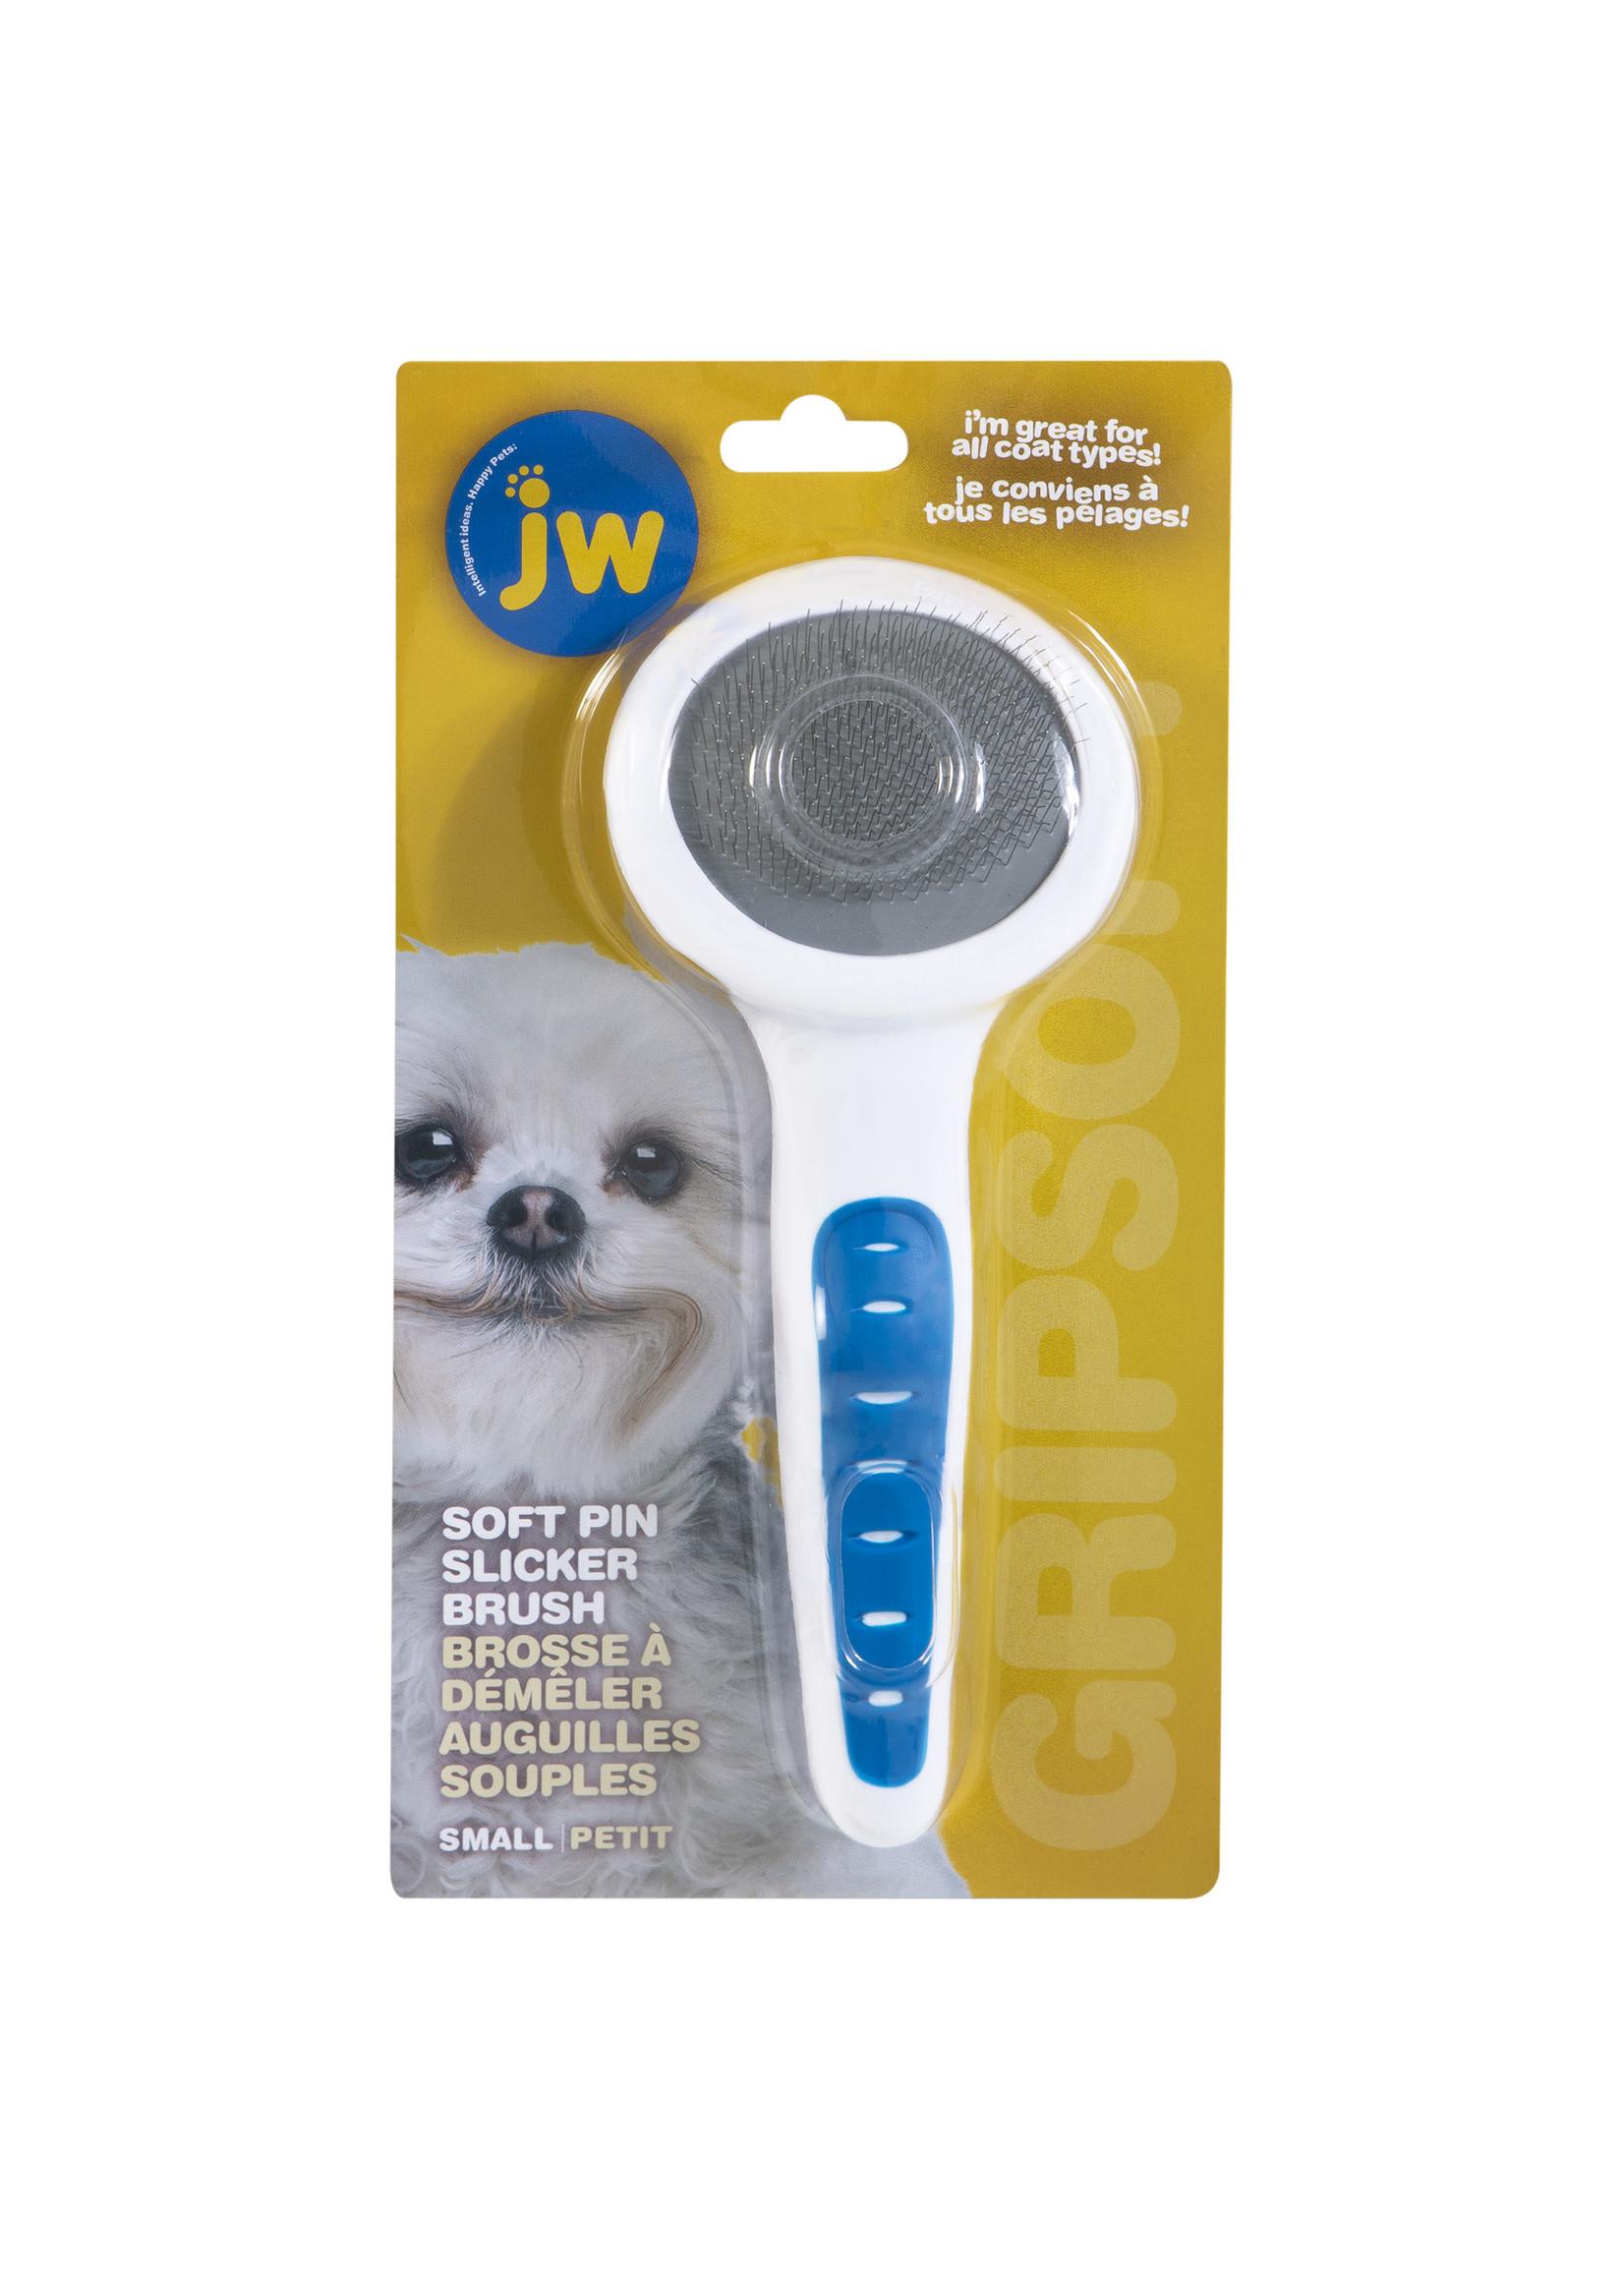 JW Pet JW Gripsoft Slicker Soft Pin Sm